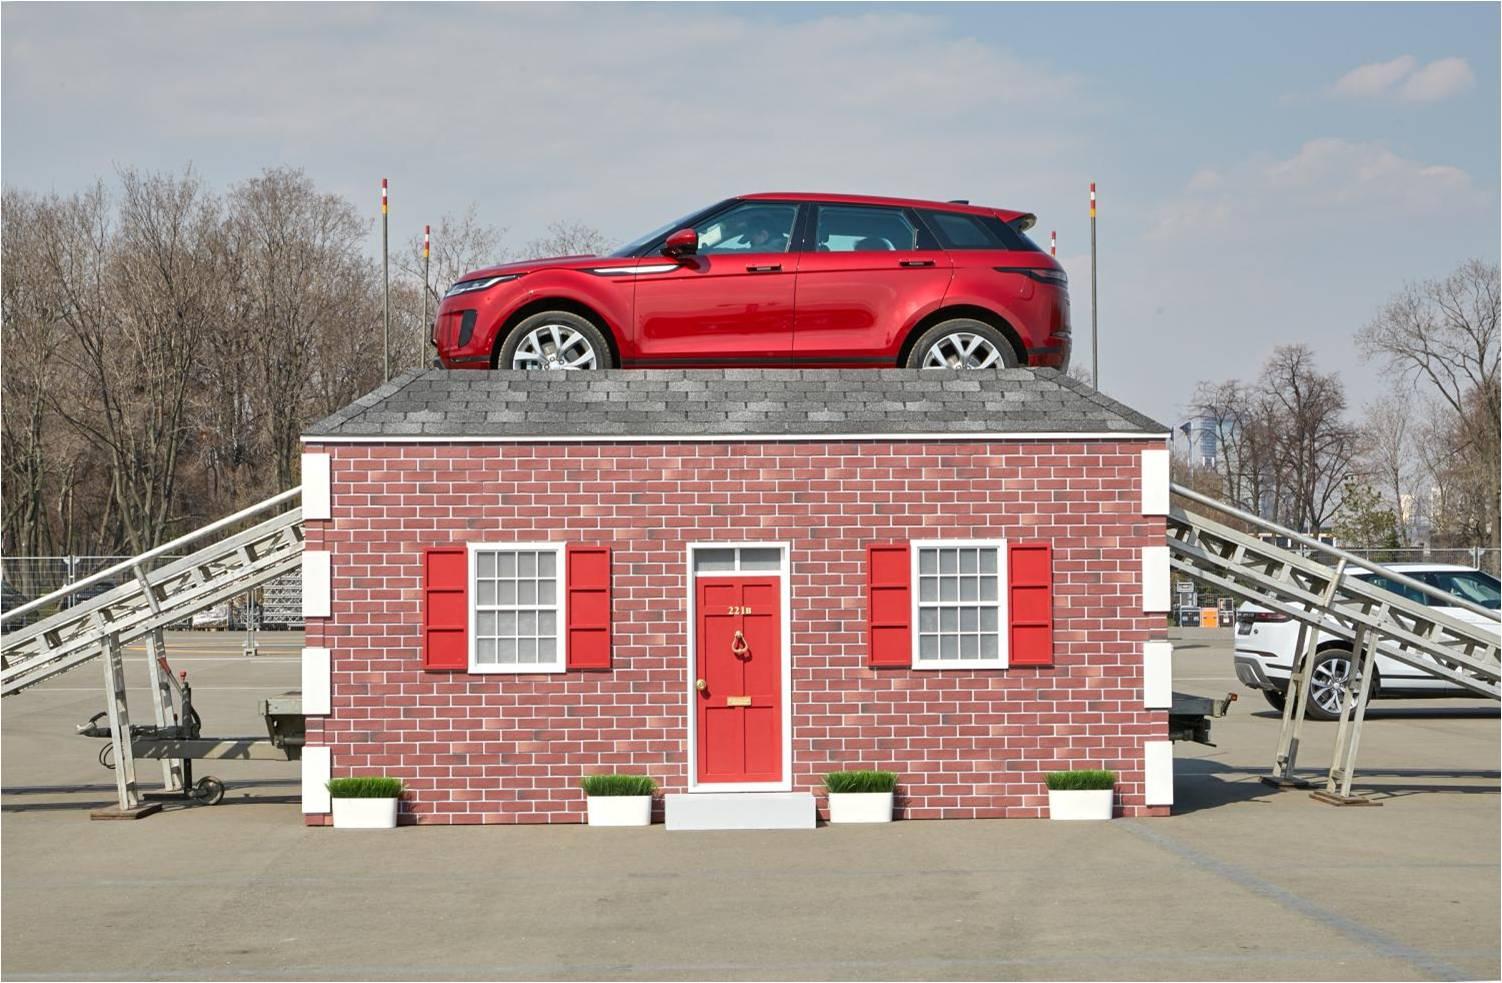 Новый Range Rover Evoque представили в окружении звезд